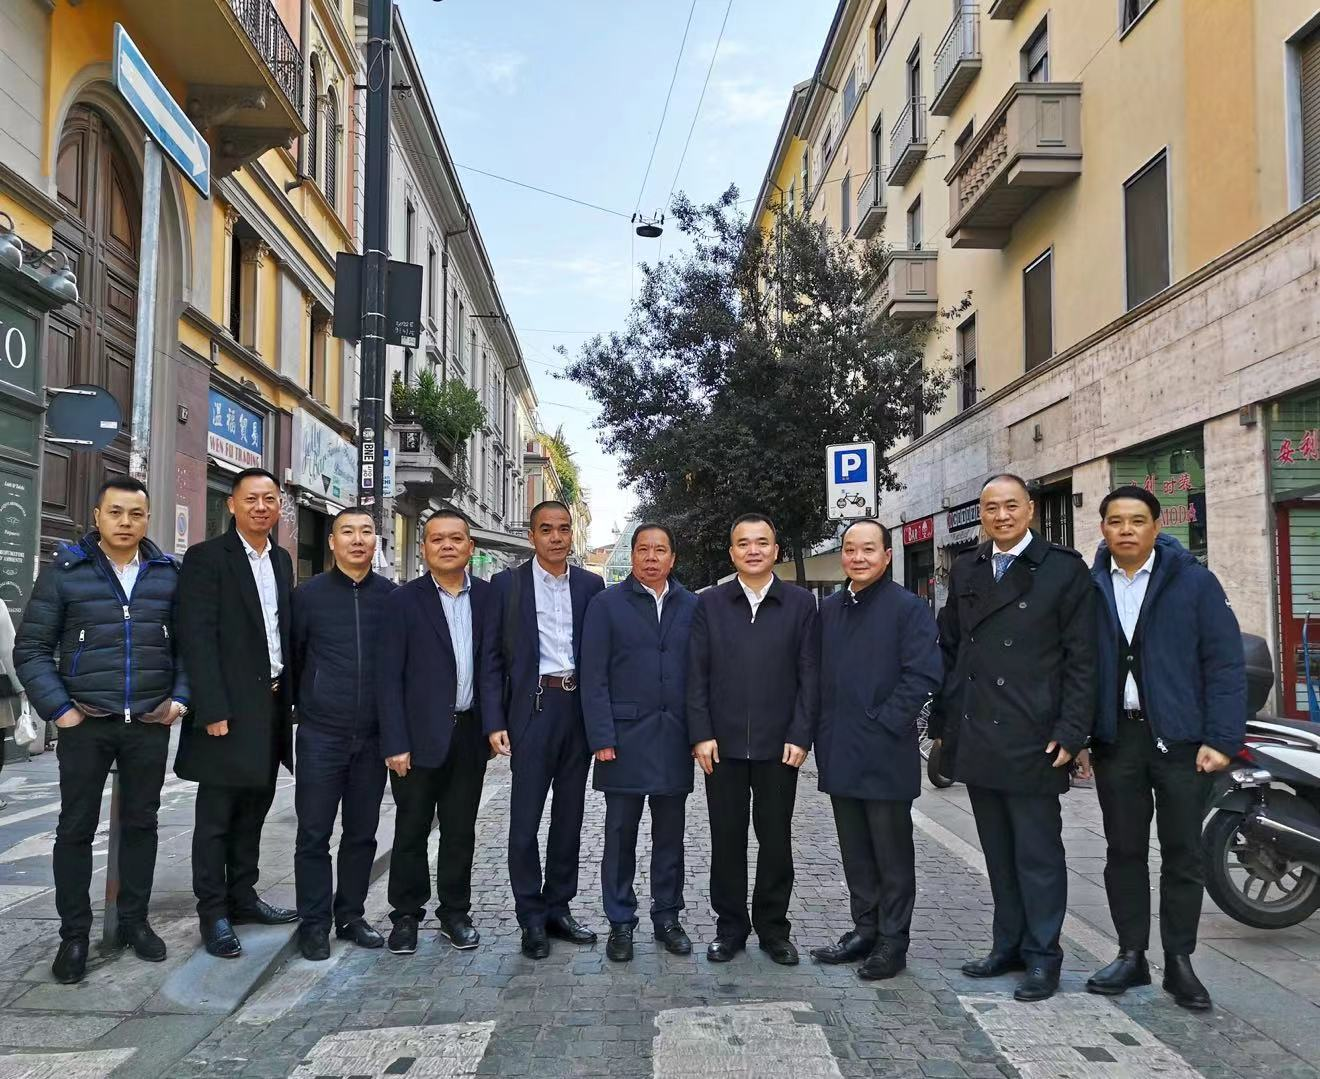 徐清雨副书记率文成县人民政府侨务考察团访问米兰